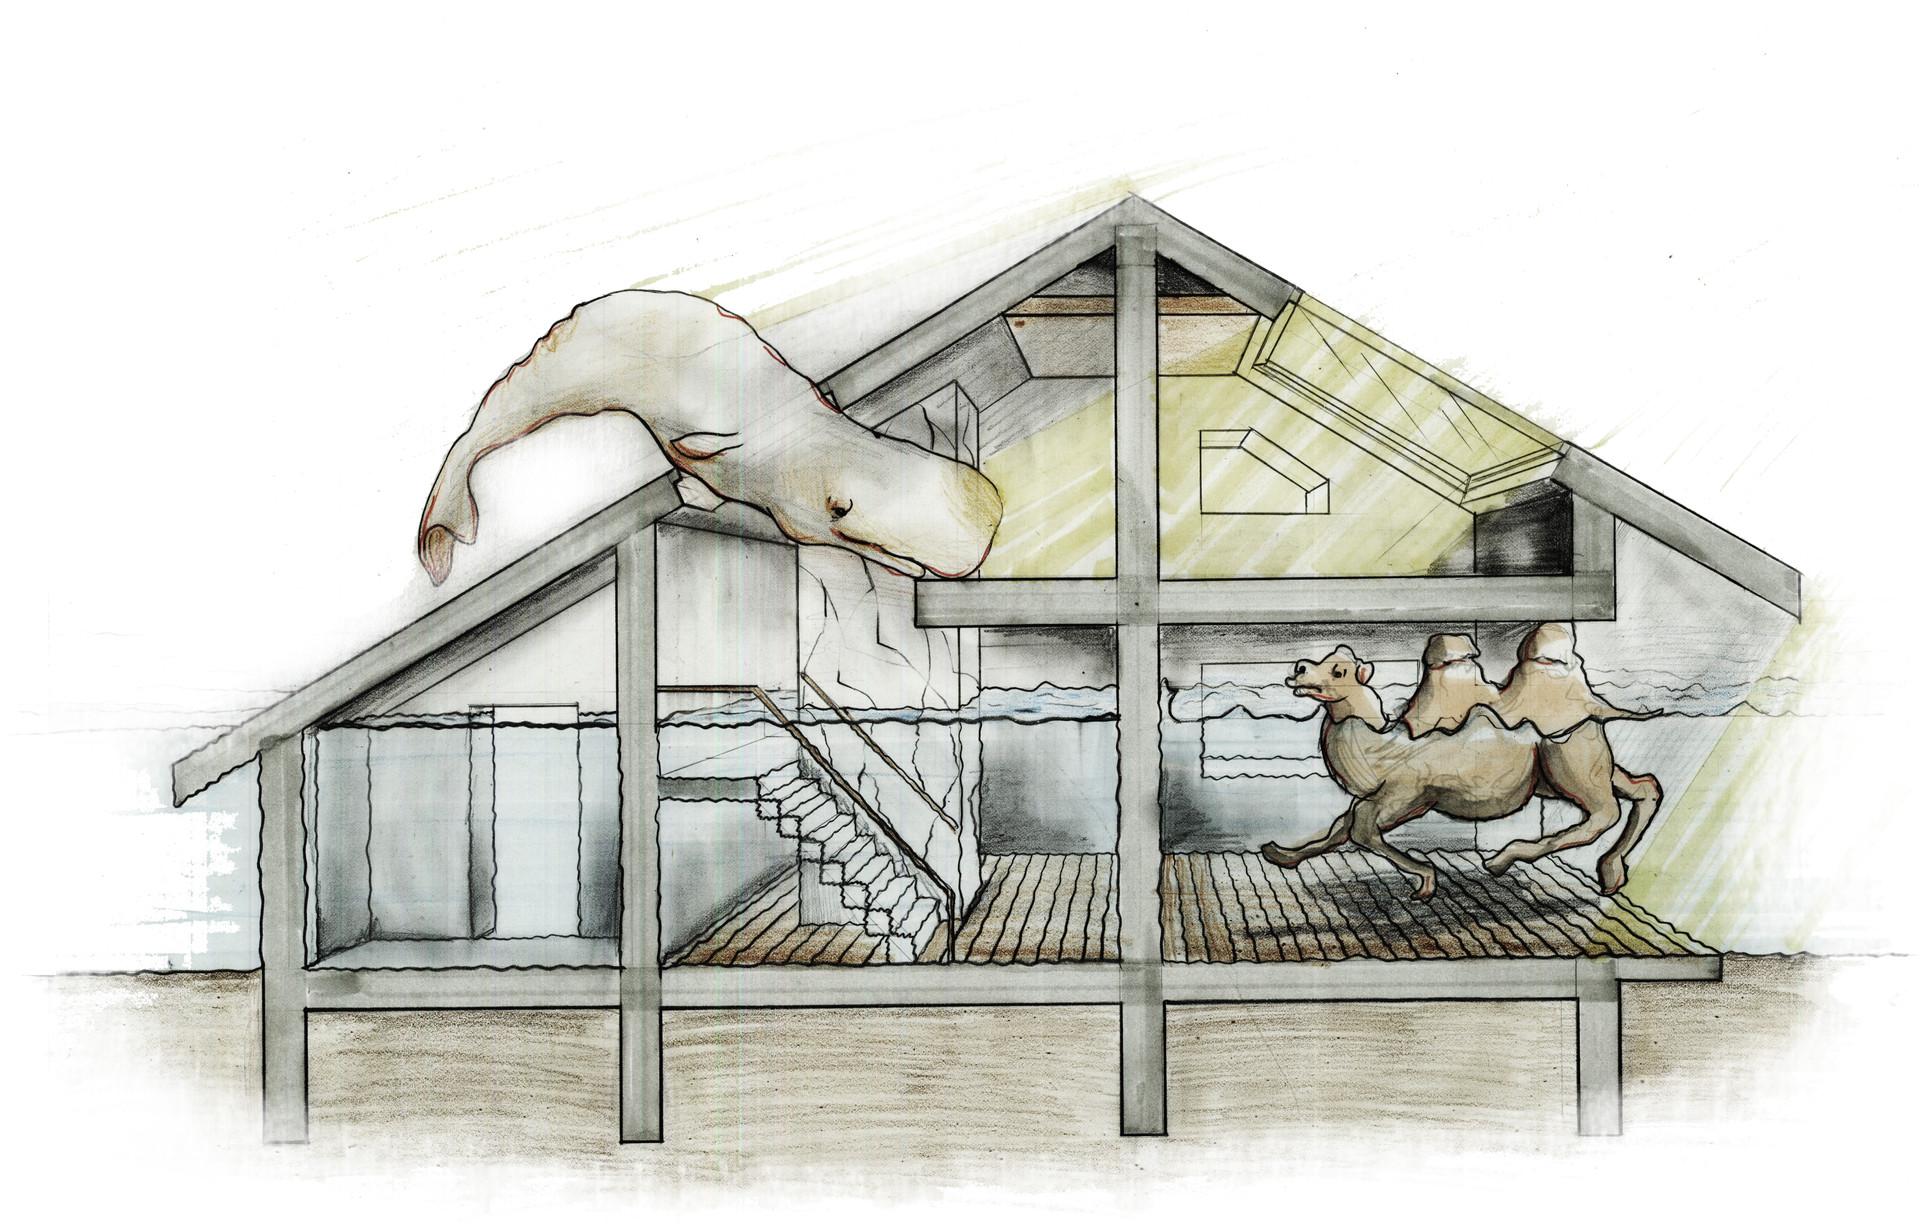 Bi-polar House